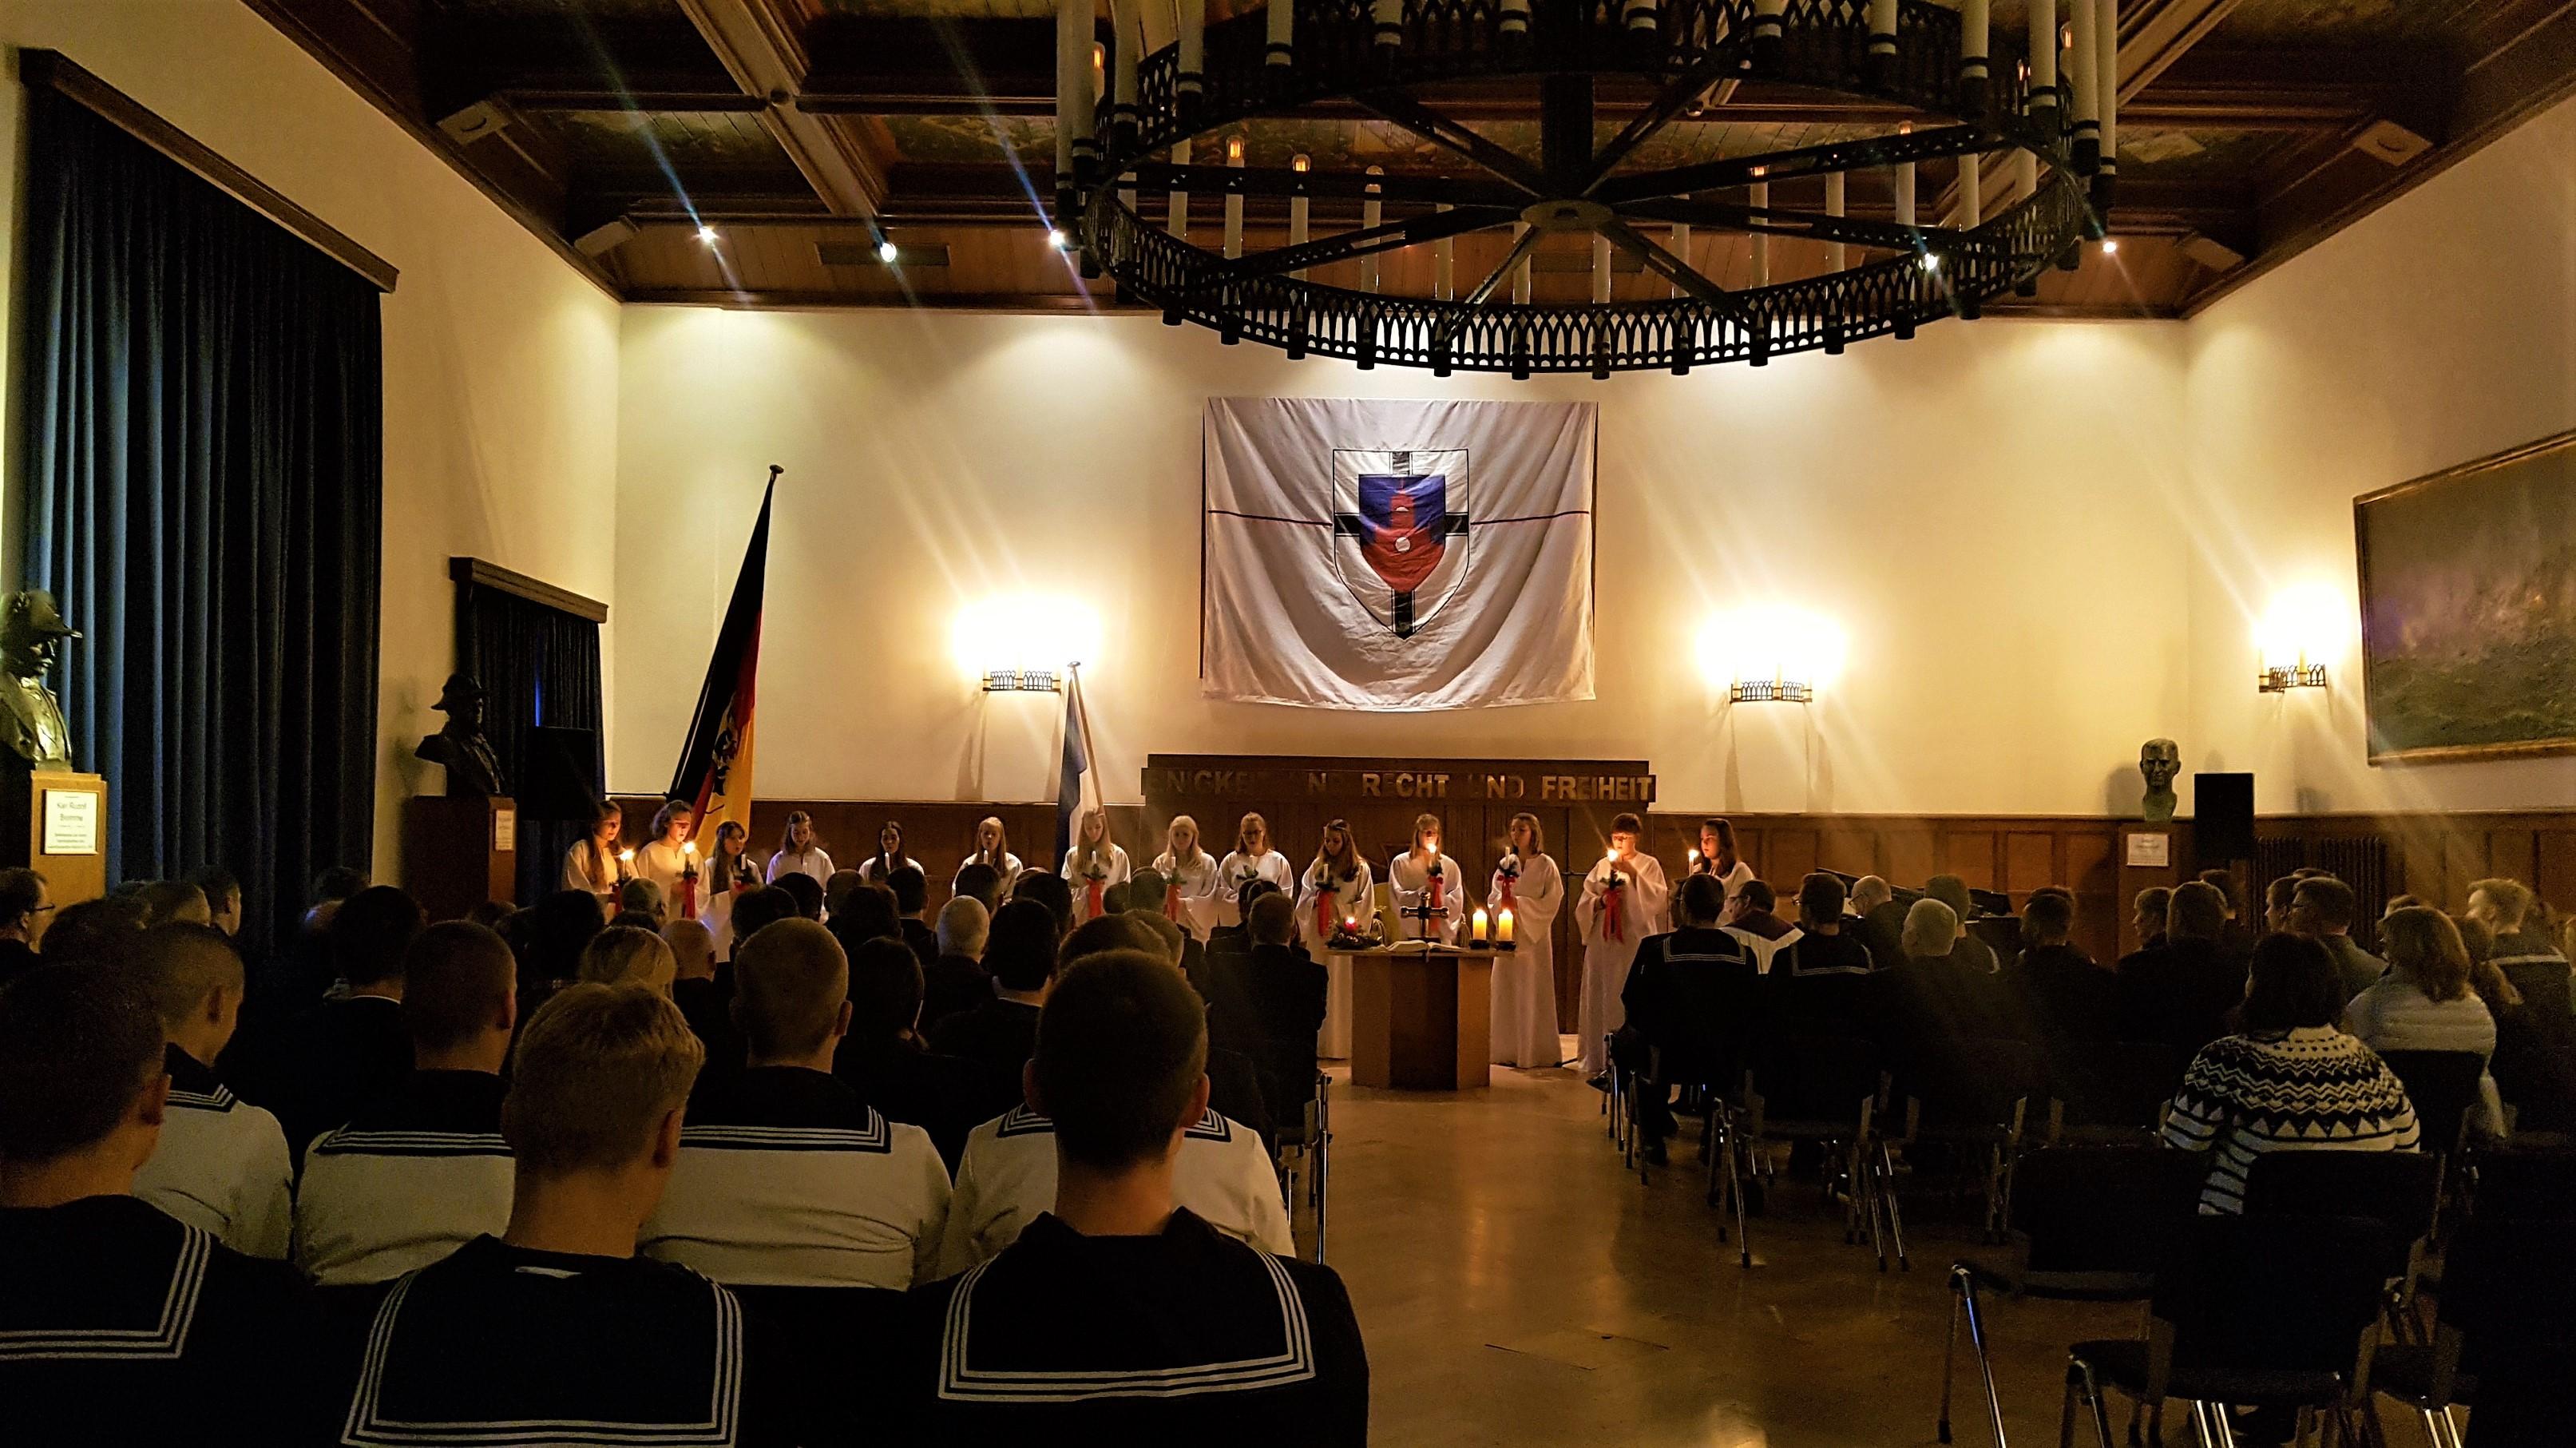 Schülerinnen der dänischen Schule, Duborg Skolen, sangen im Gewand der Heiligen Lucia am 13. Dez. 2018 in der Aula der Marineschule Mürwik. Foto: May-Barg.